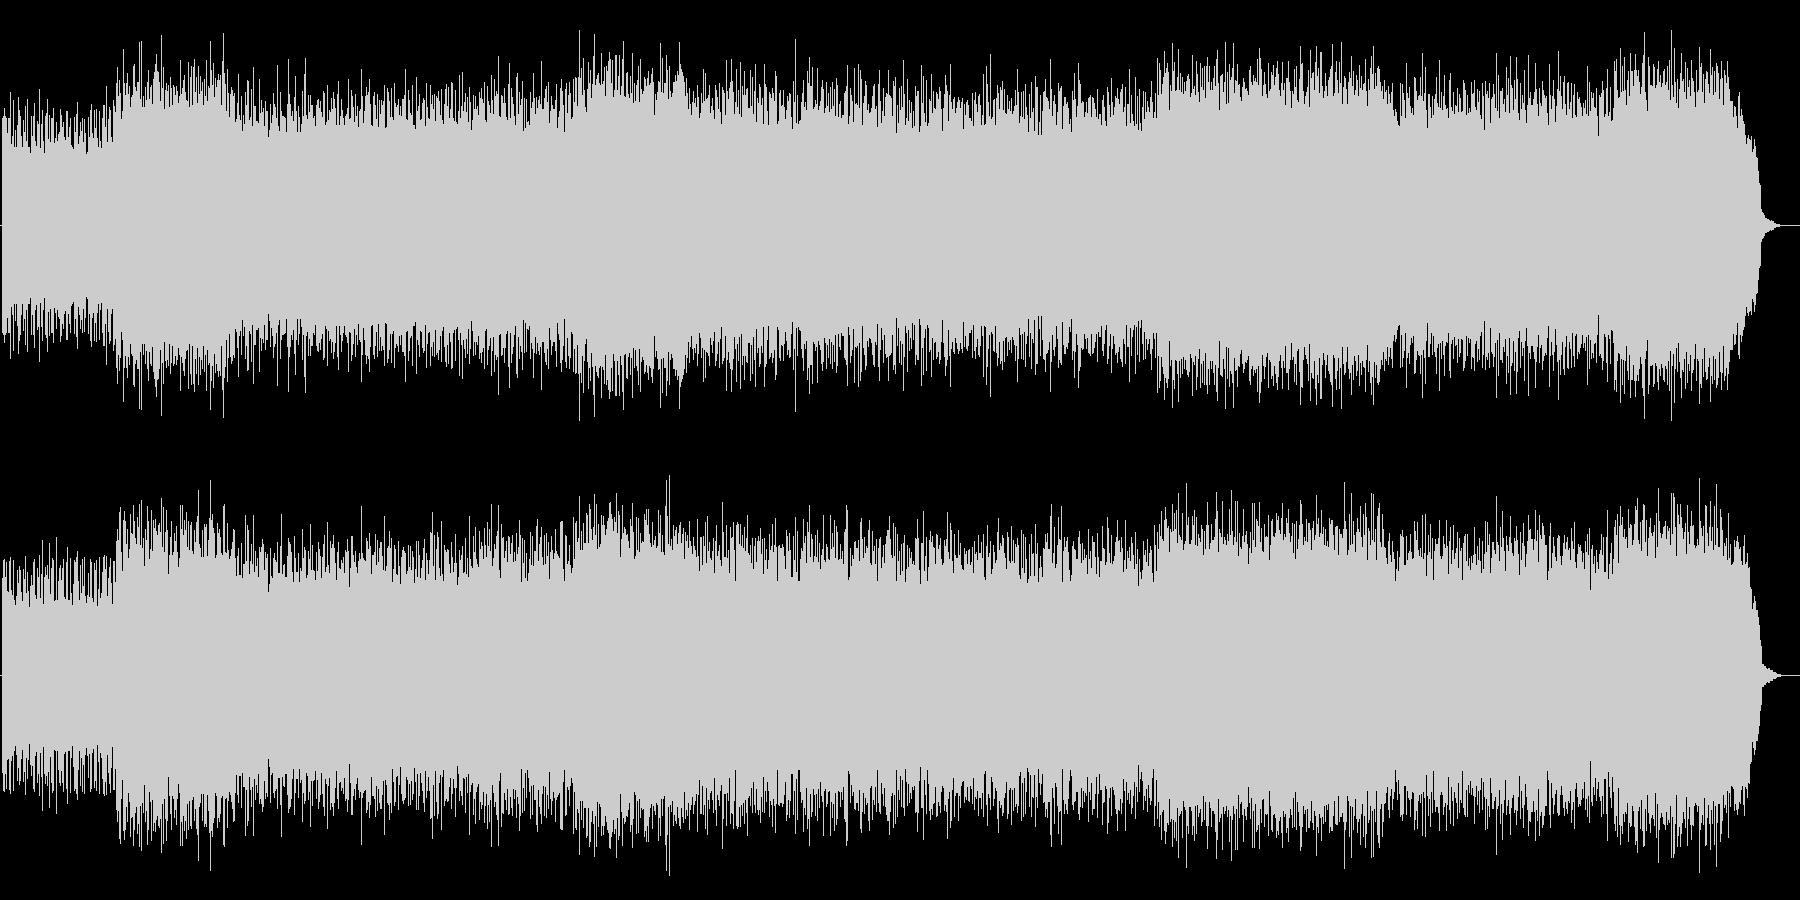 シューゲイザー轟音ギターMBV マイブラの未再生の波形